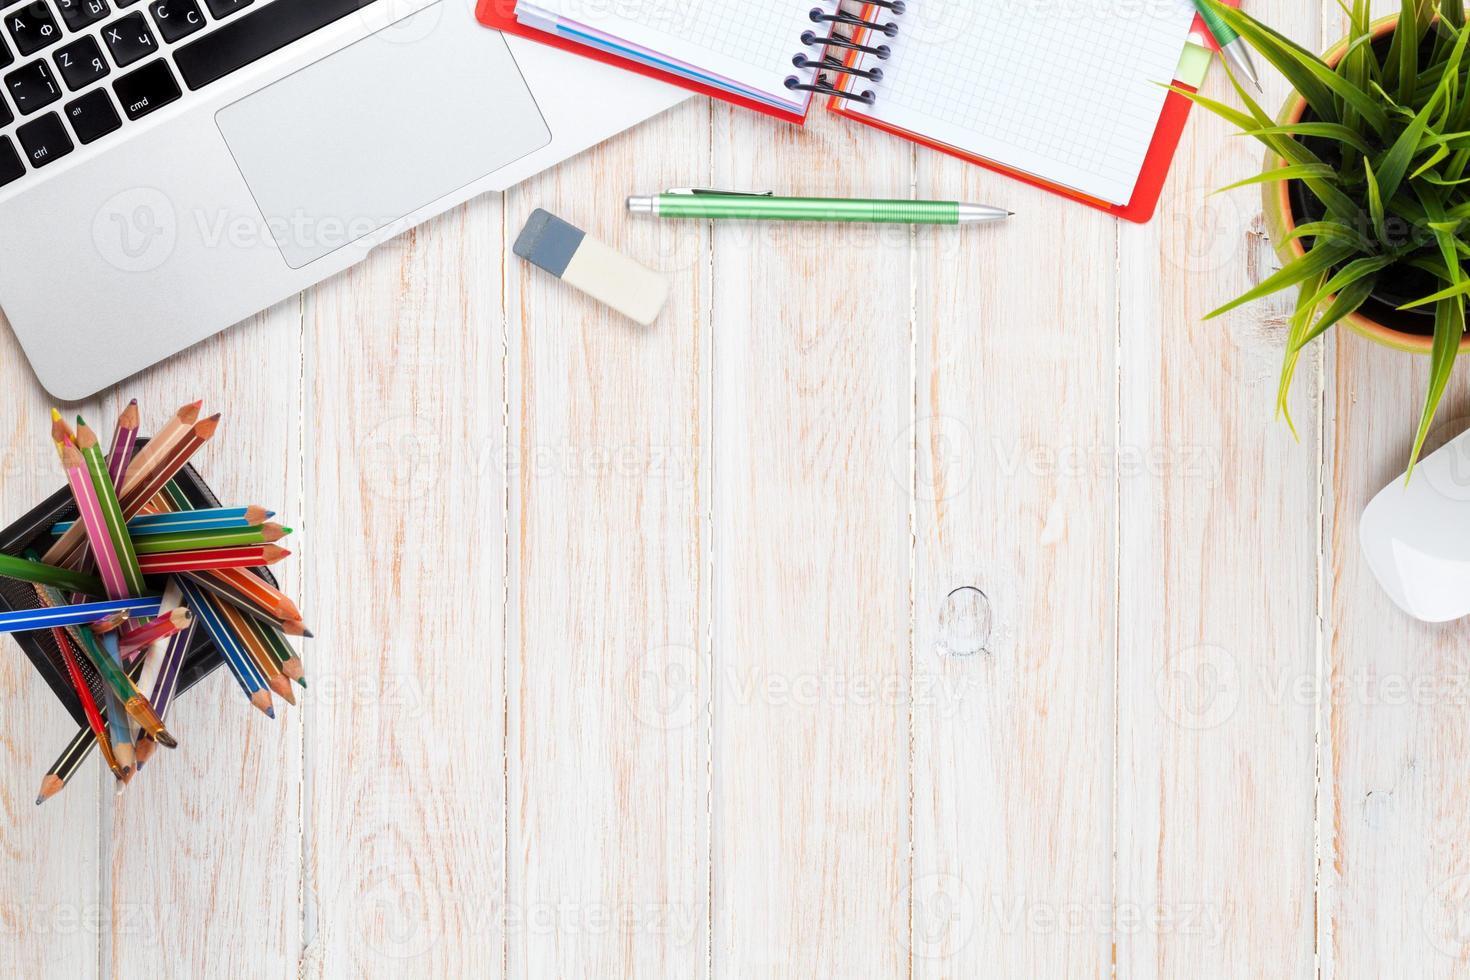 mesa de escritório de madeira com planta, laptop, borracha e lápis foto